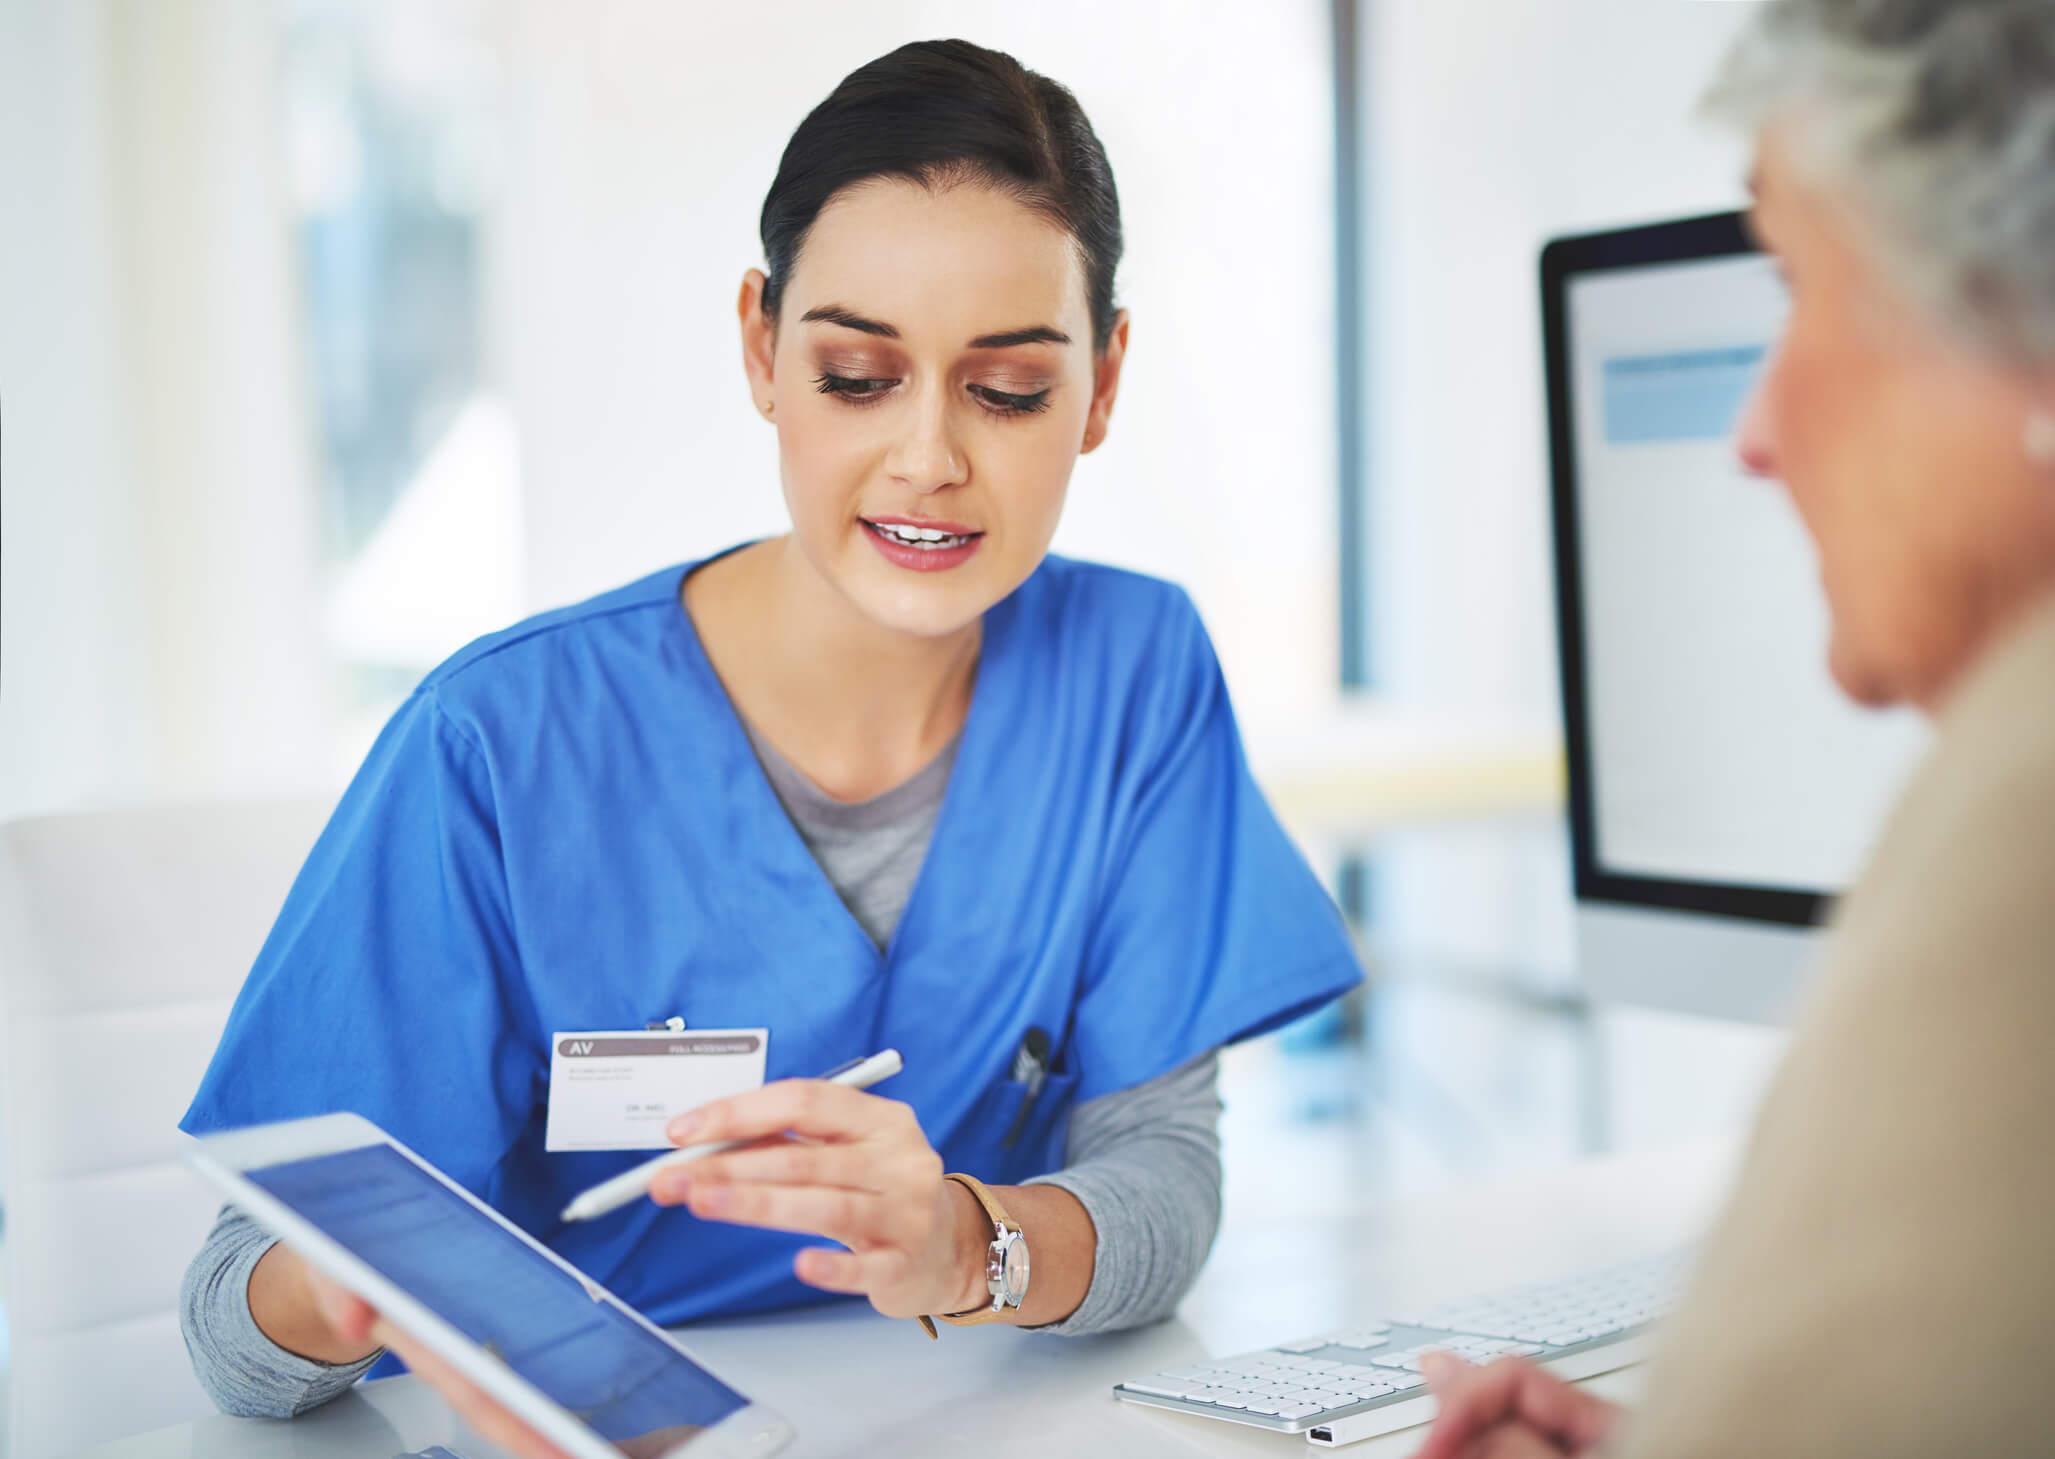 Prescrição digital: saiba como melhorar a qualidade do atendimento